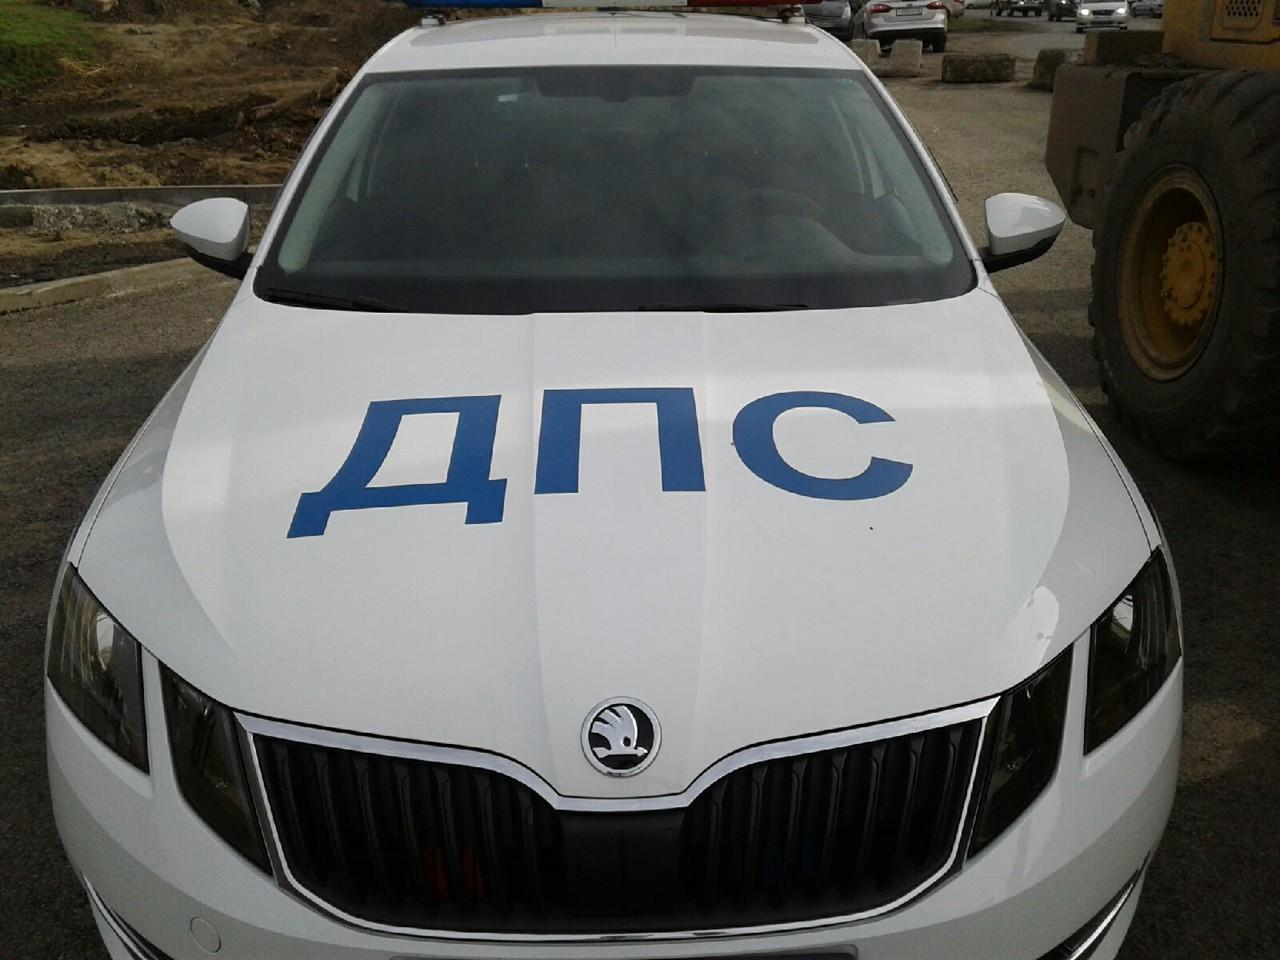 Омич, попавшийся пьяным за рулем, пошел учиться в автошколу и снова взялся за старое #Новости #Общество #Омск